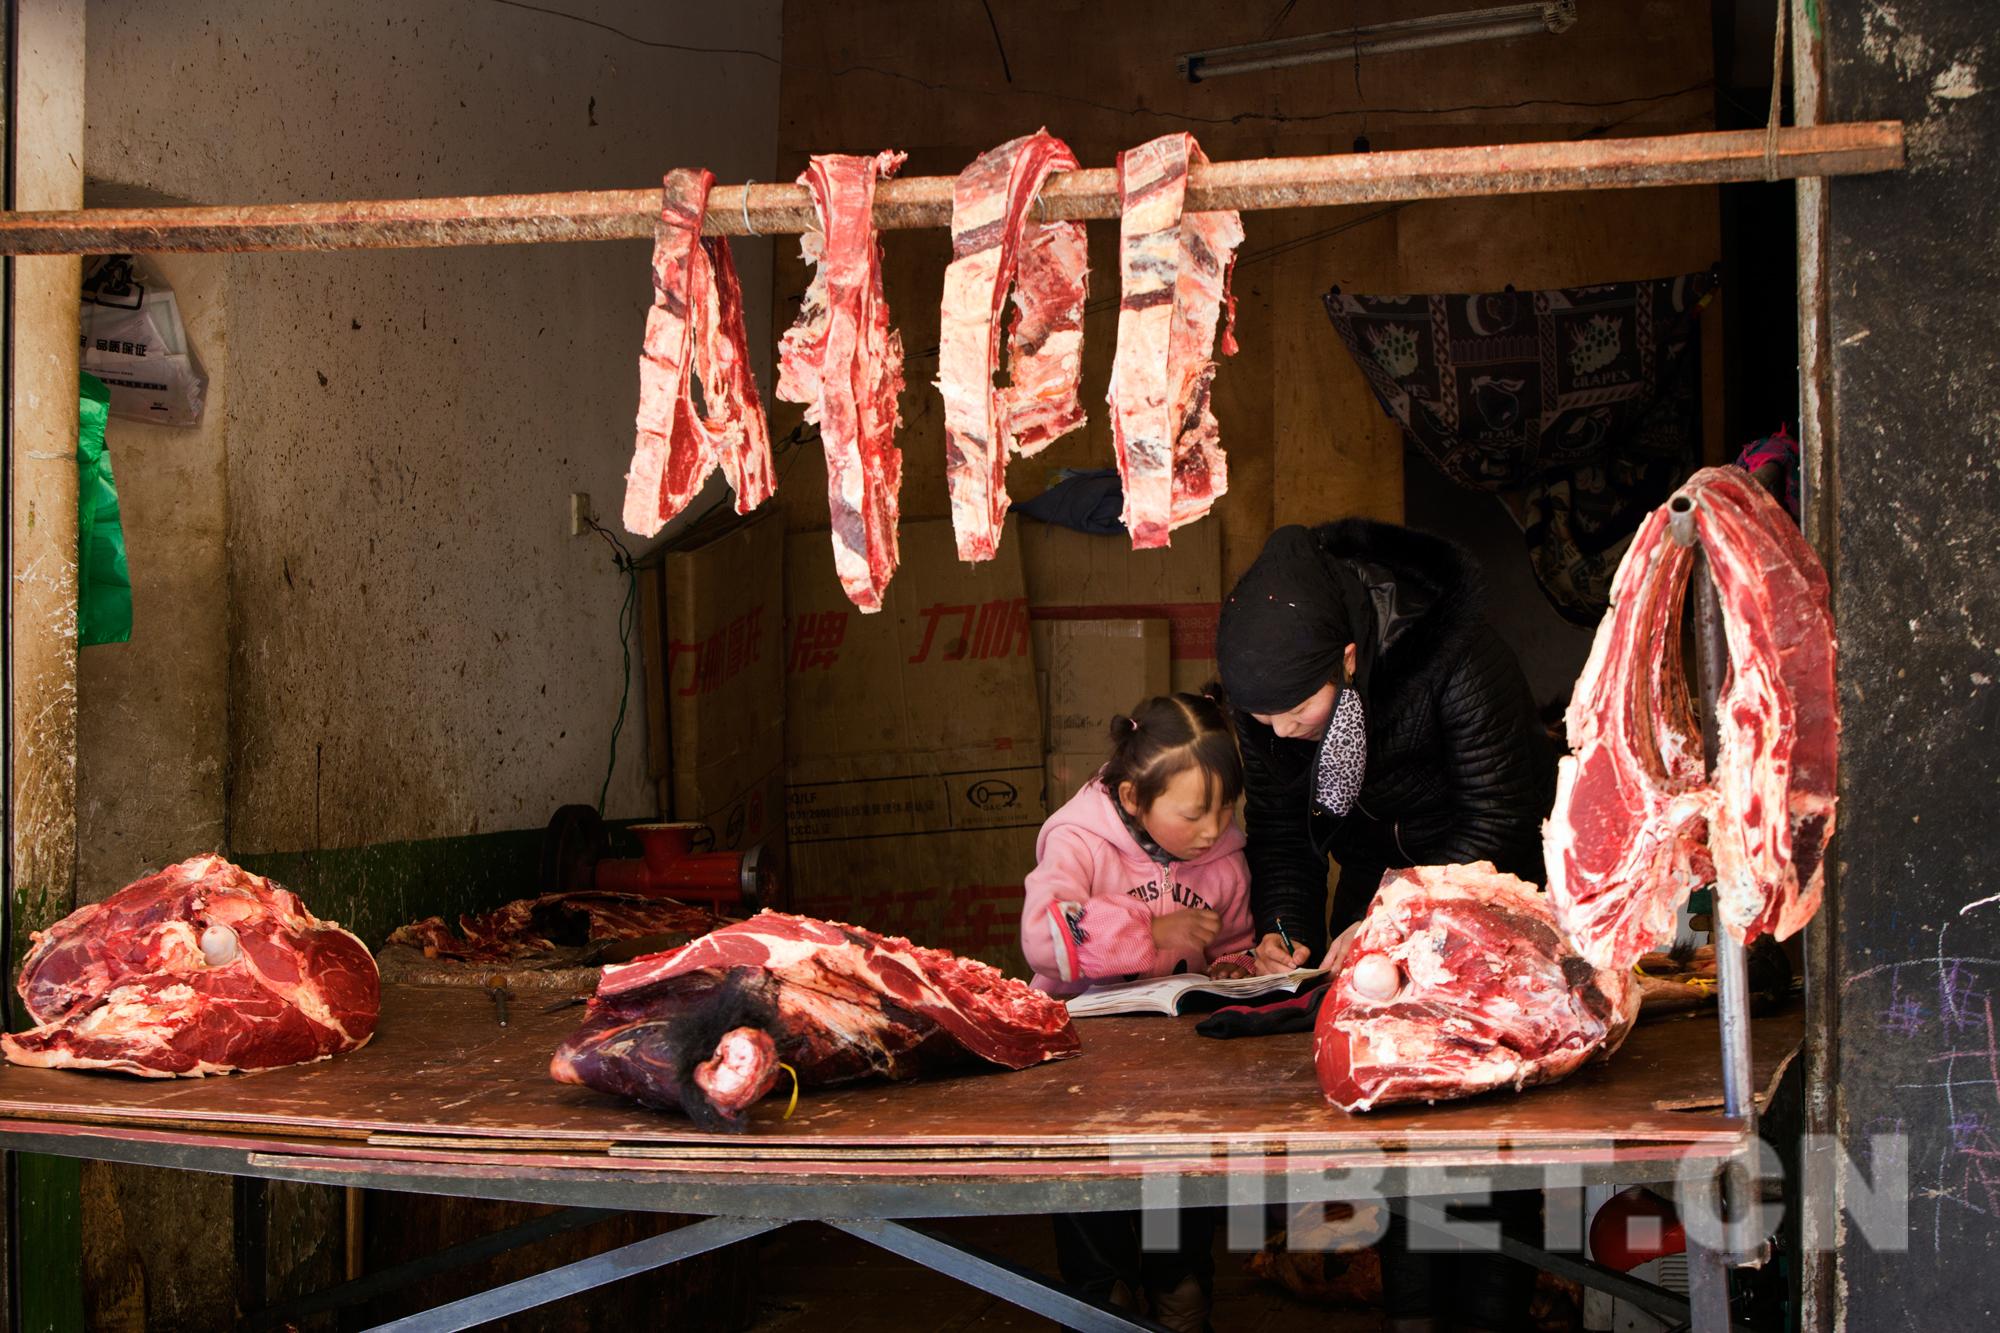 八廓街卖牦牛肉的商户 沙万泉摄